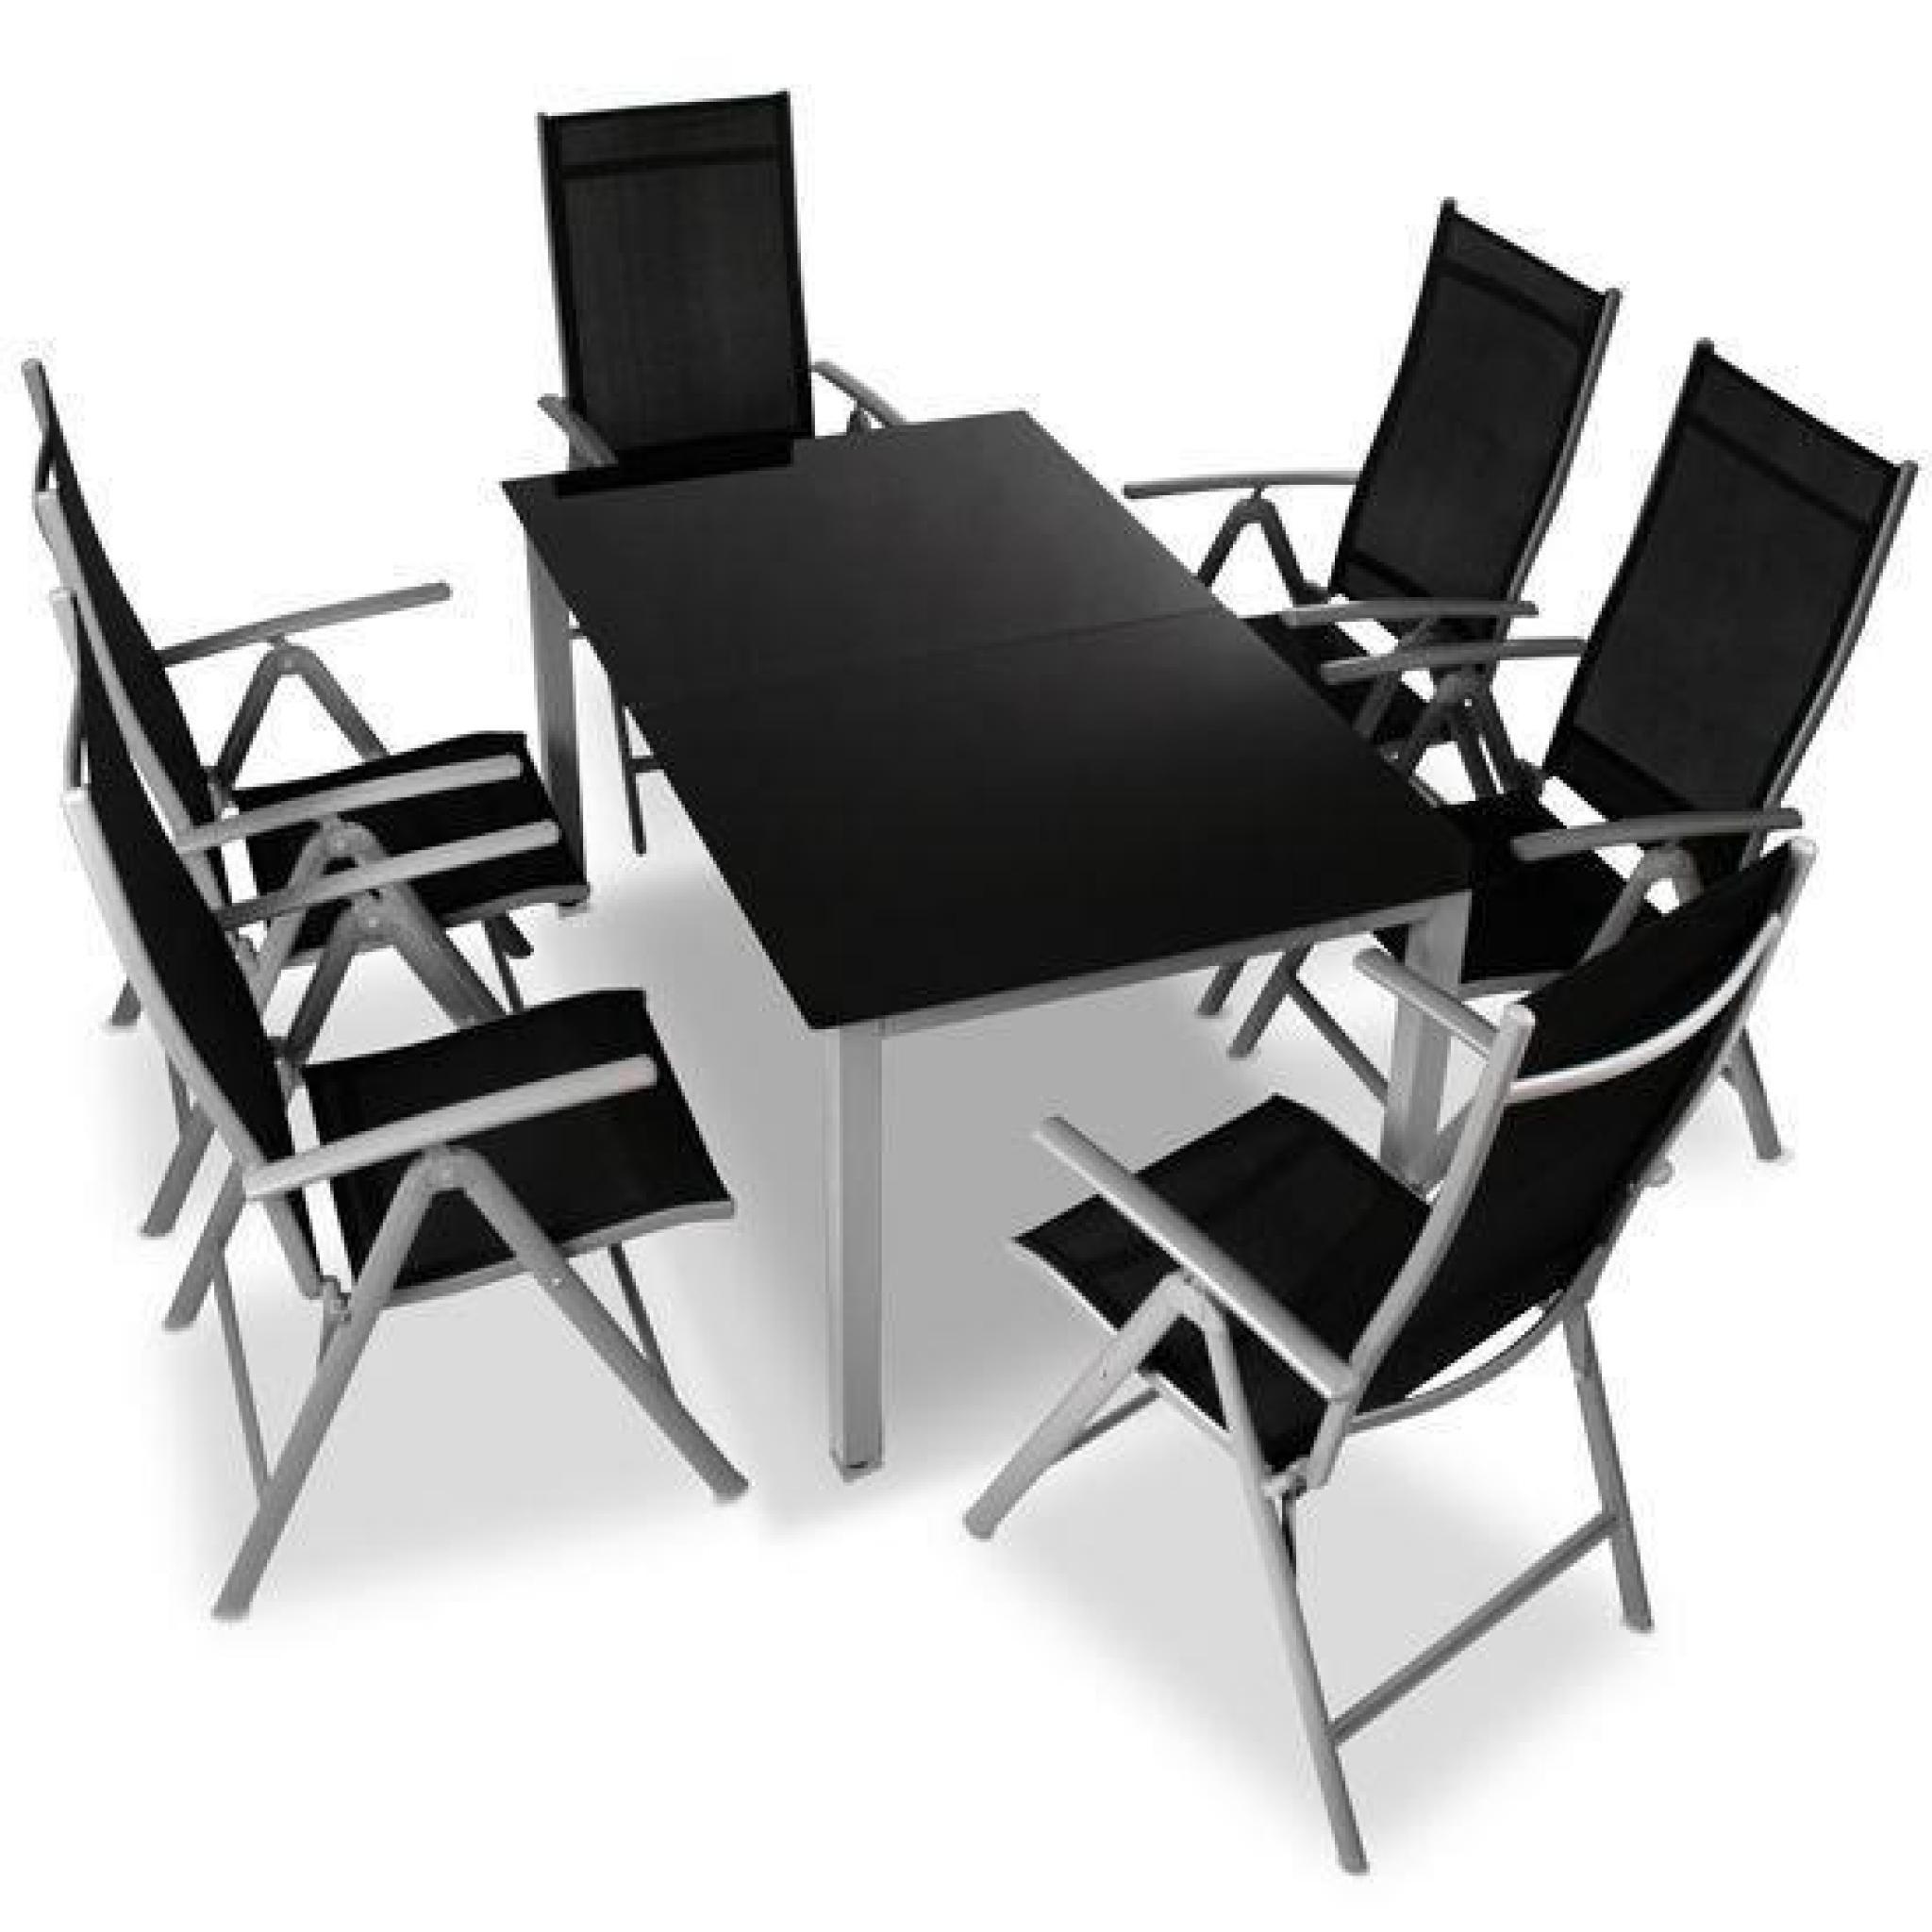 Table Chaises Jardin Aluminium tout Table Et Chaises De Jardin Pas Cher